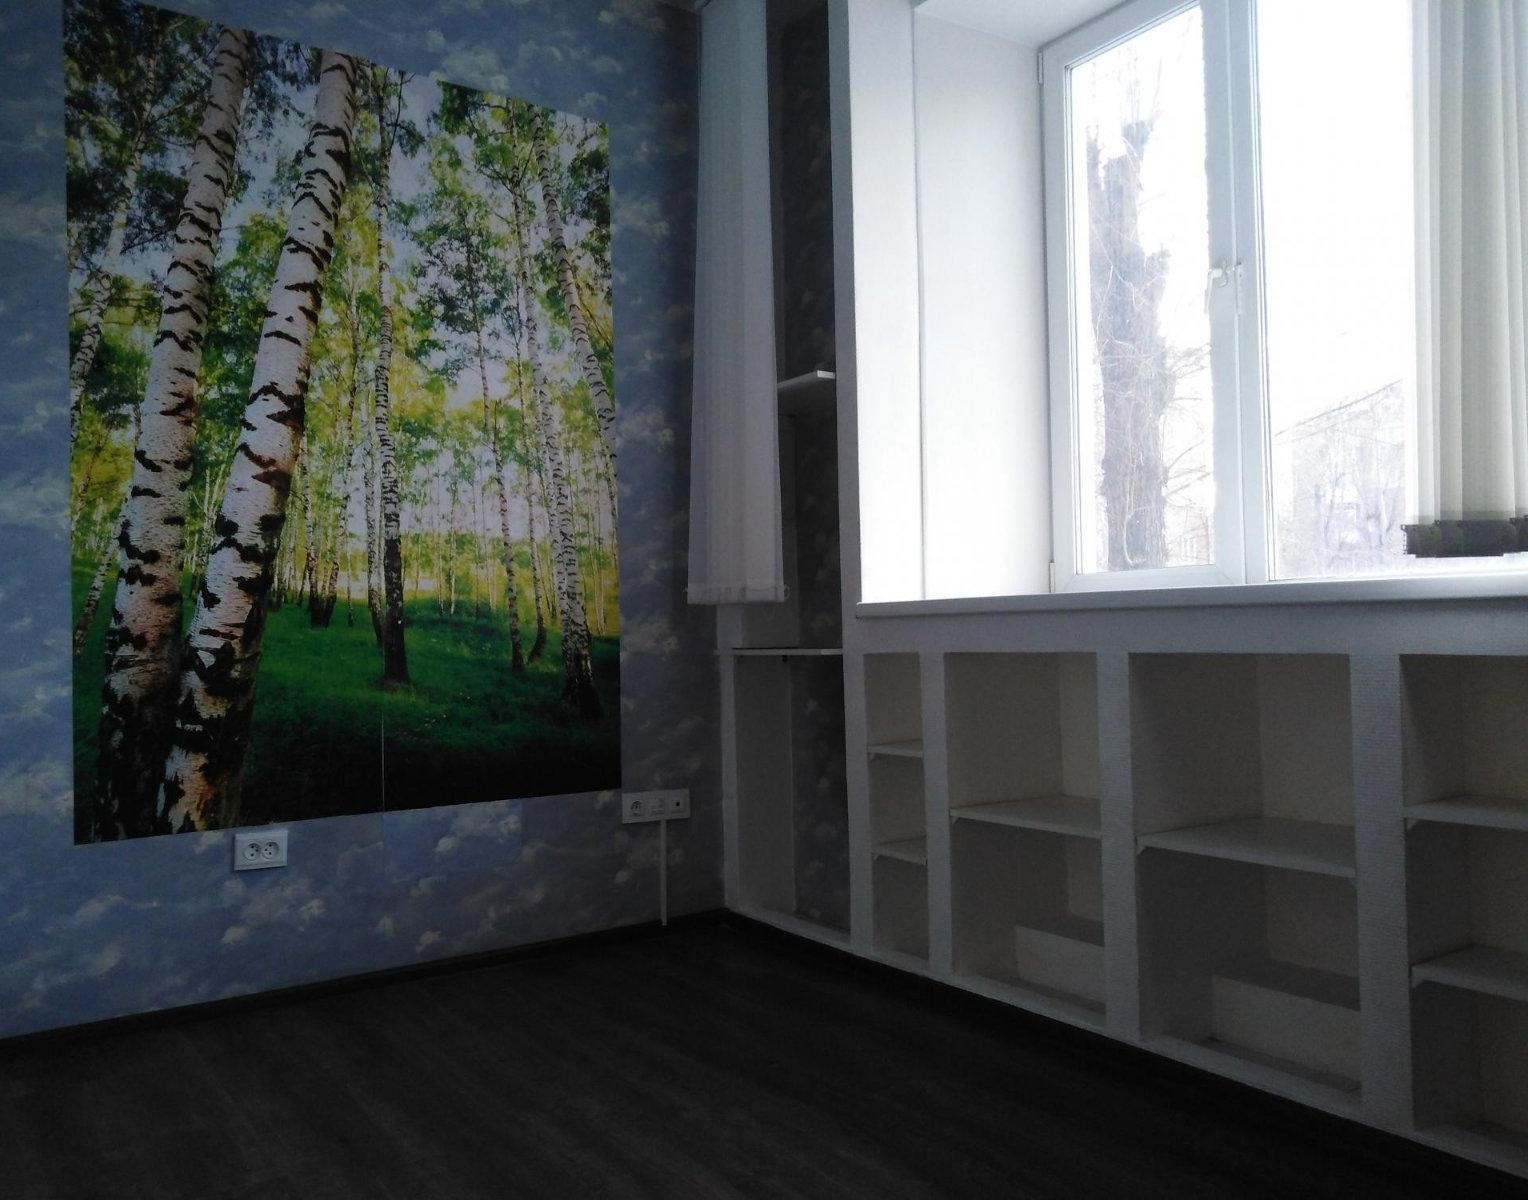 2к квартира Шёлковая улица, 1, Россия | 22000 | аренда в Красноярске фото 6